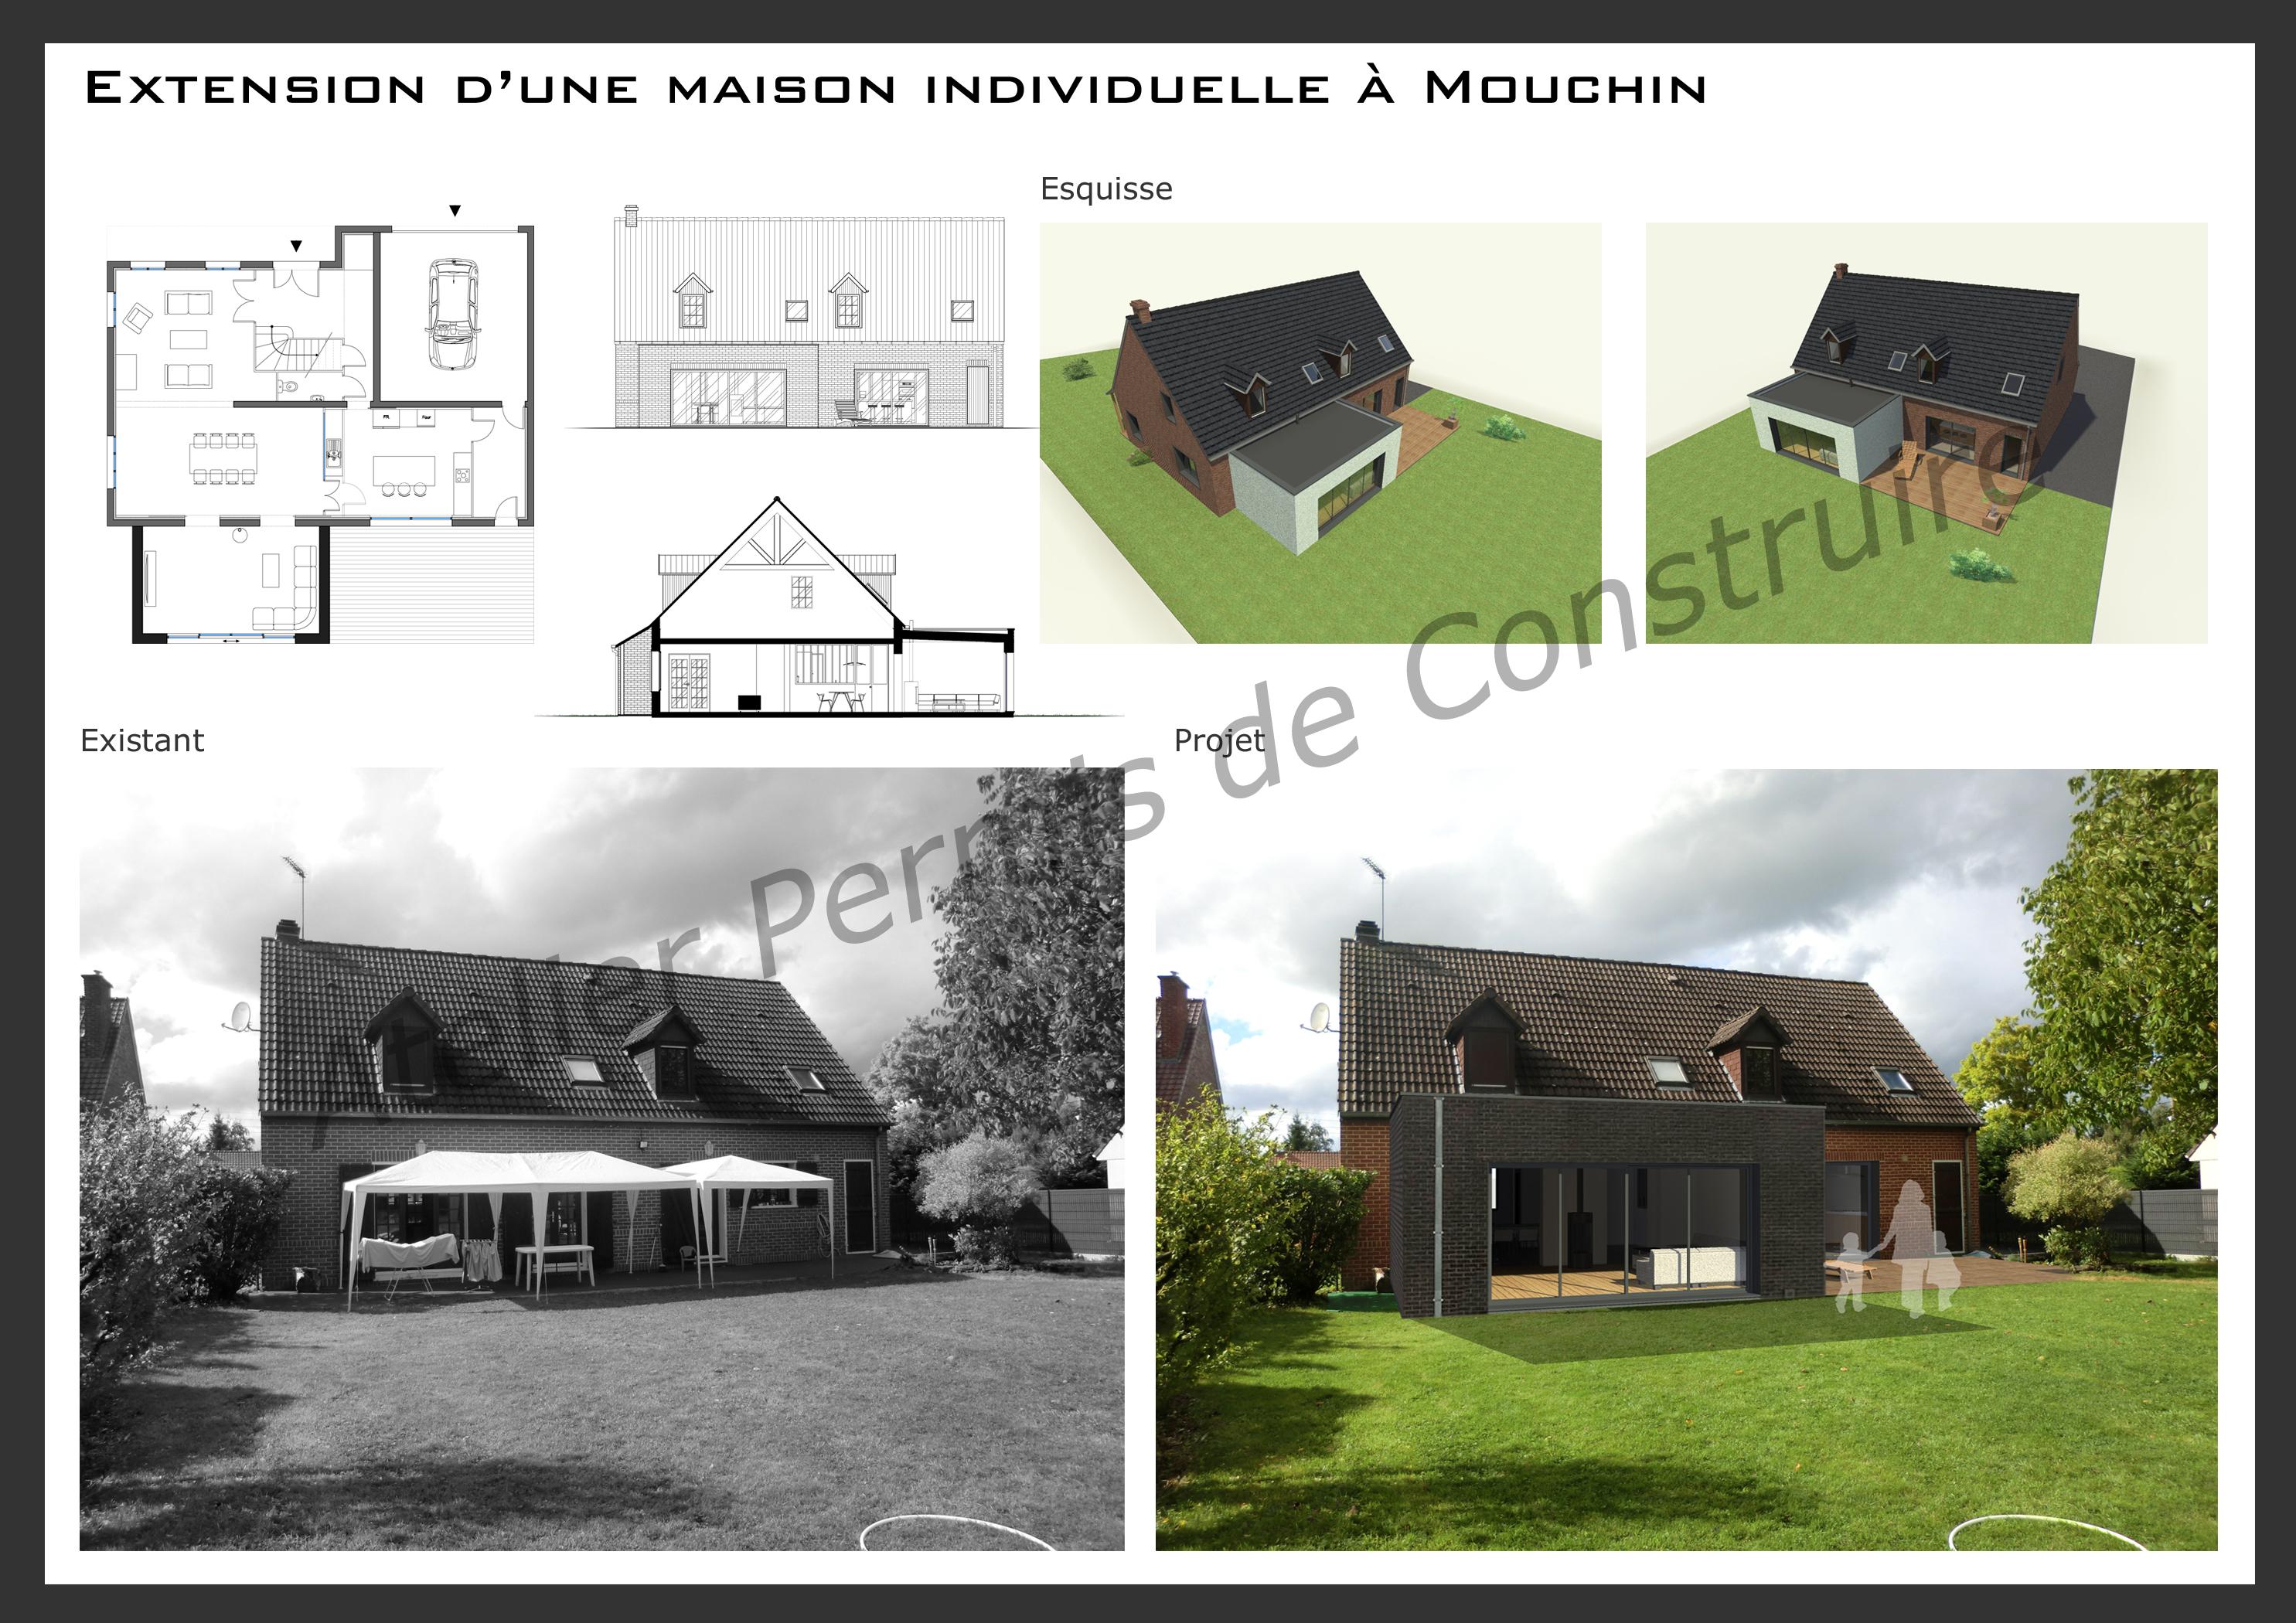 atelier permis de construire extension mouhin